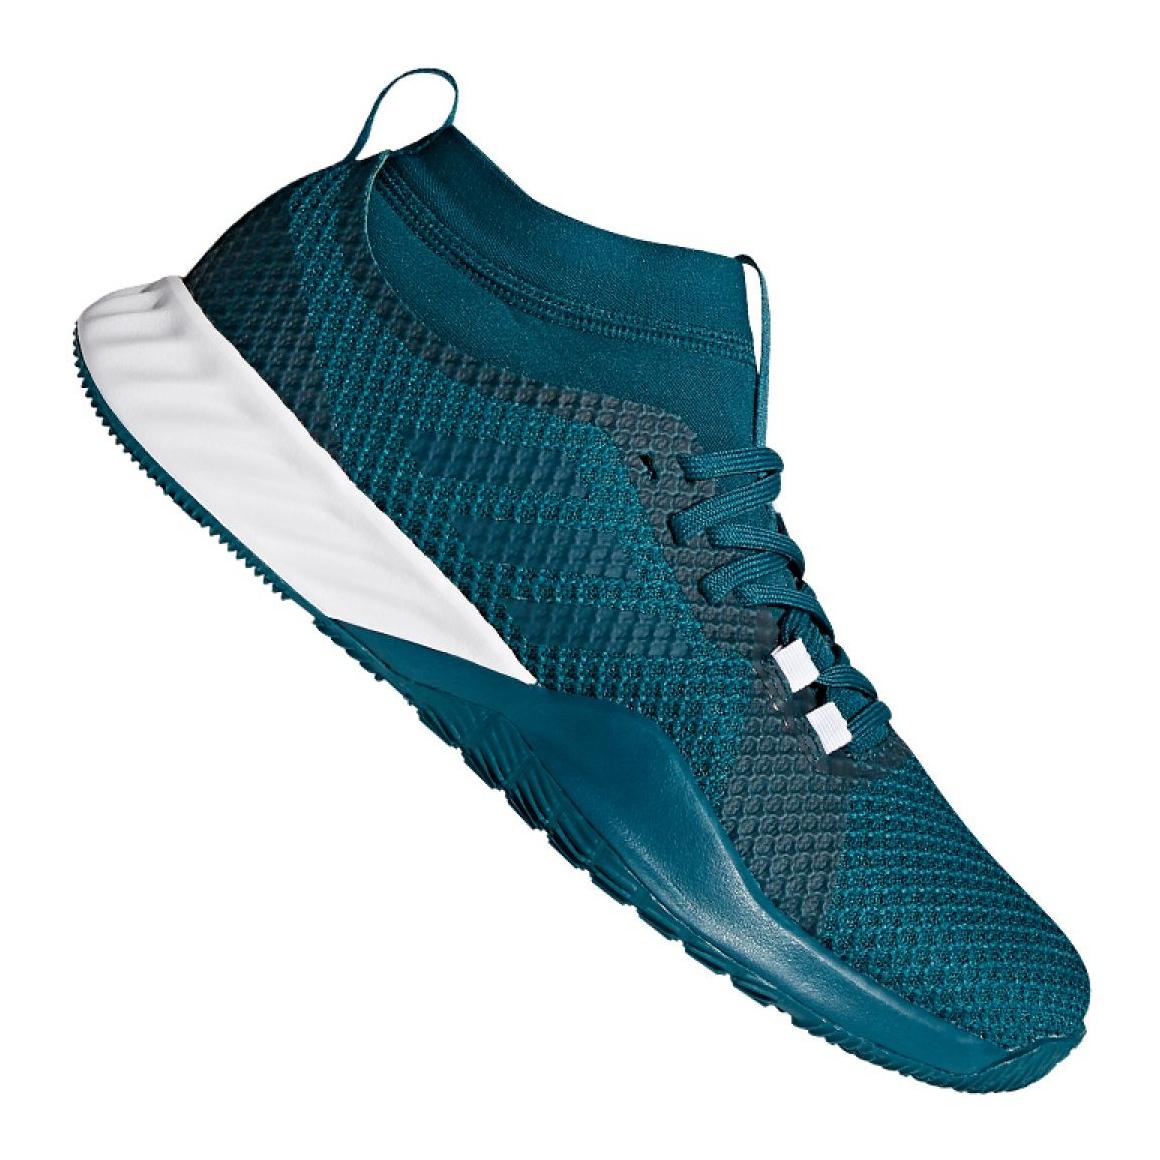 Détails sur Chaussures Adidas Crazytrain Pro 3.0 M CG3474 bleu